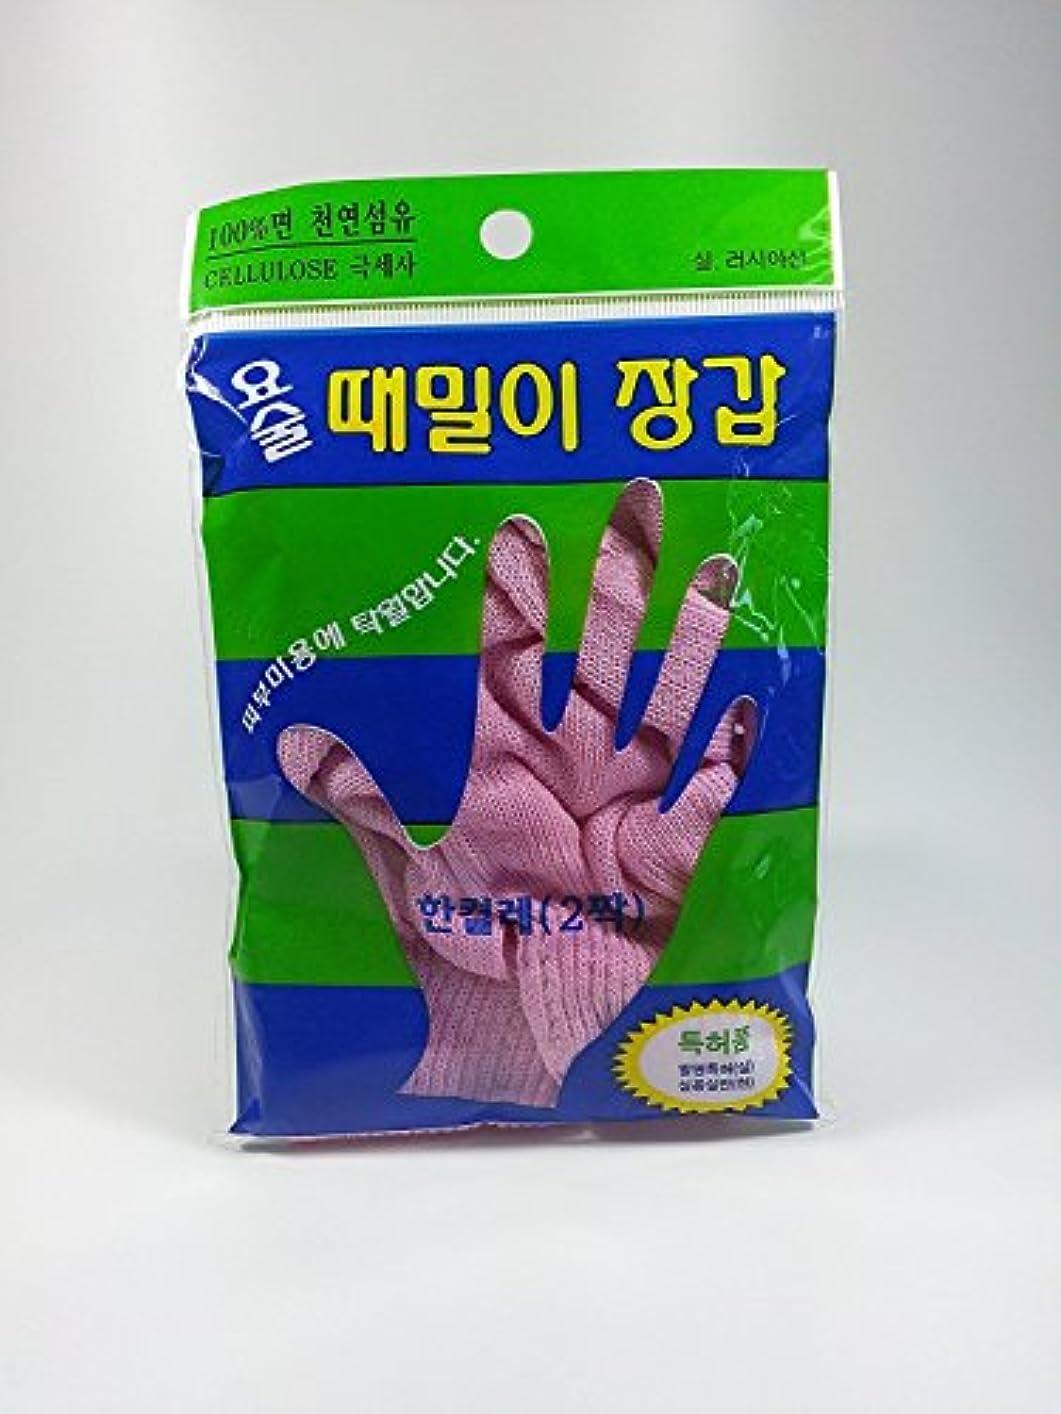 運河嘆願手首ジョンジュン産業 韓国式 垢すり 手袋 バスグローブ 5本指 ボディスクラブ 100% 天然セルロース繊維製 ???? ??????? Magic Korean Body Back Scrub [並行輸入品]